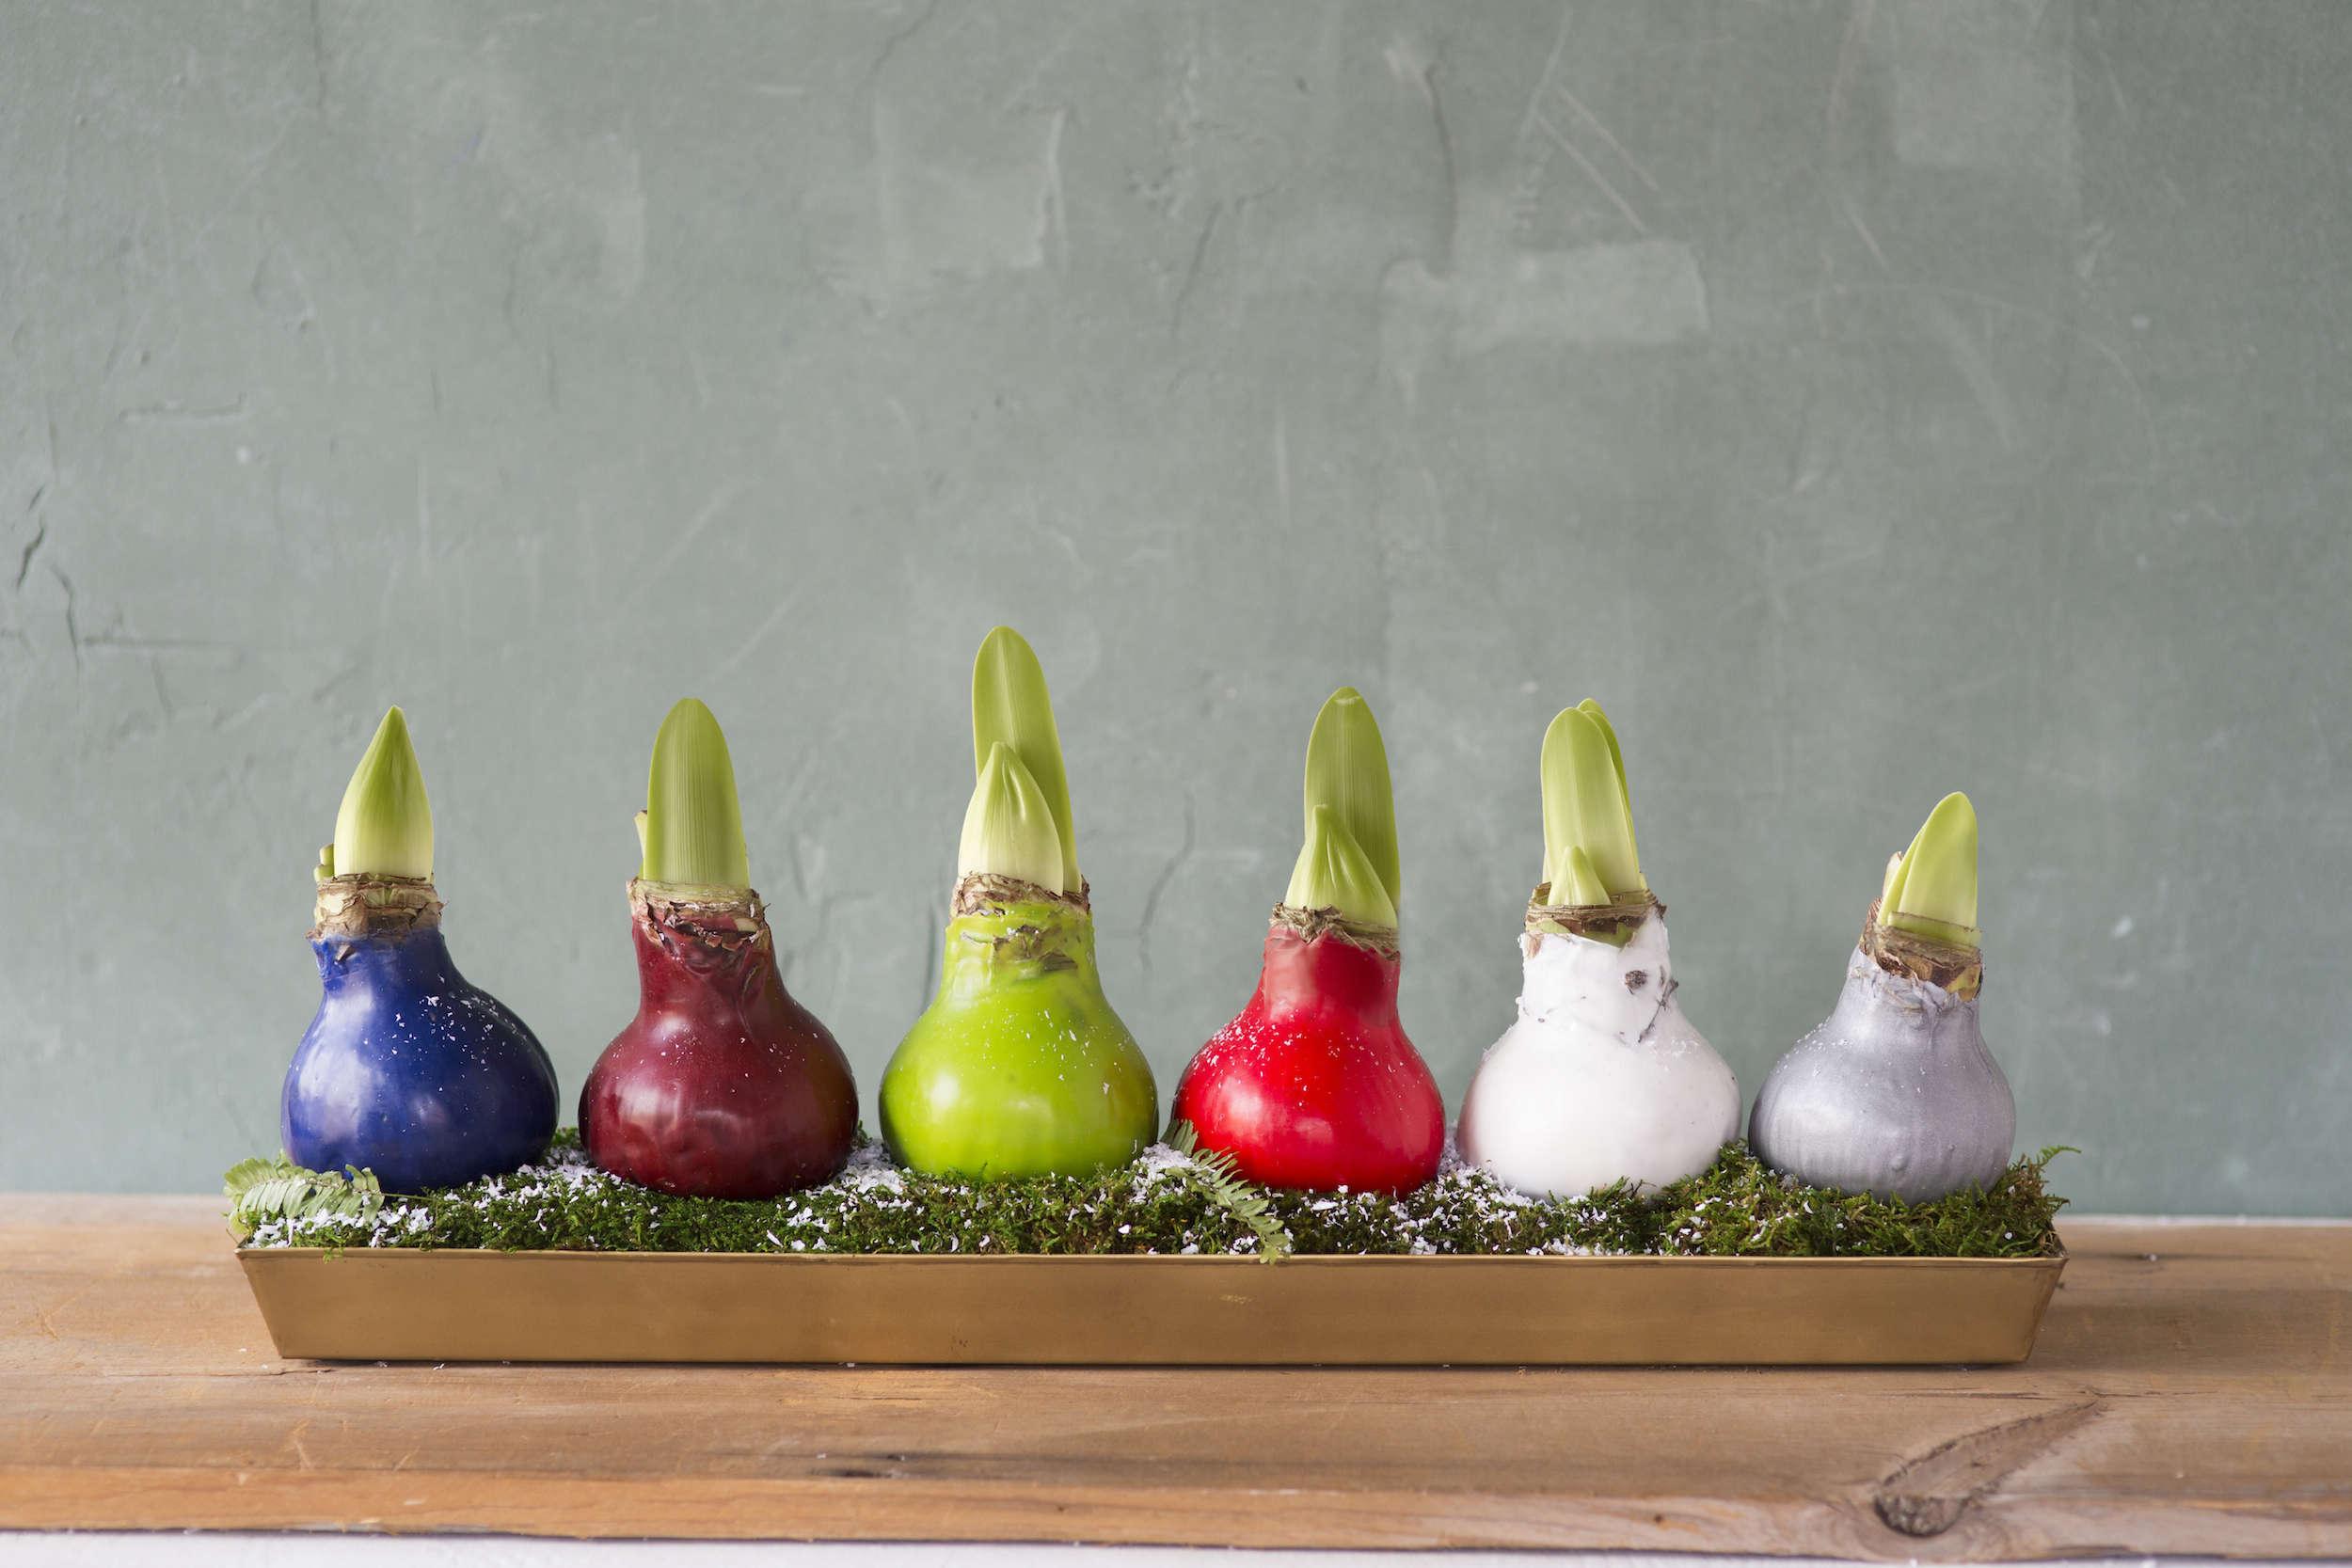 waxed-amaryllis-bulbs-gardenista-1